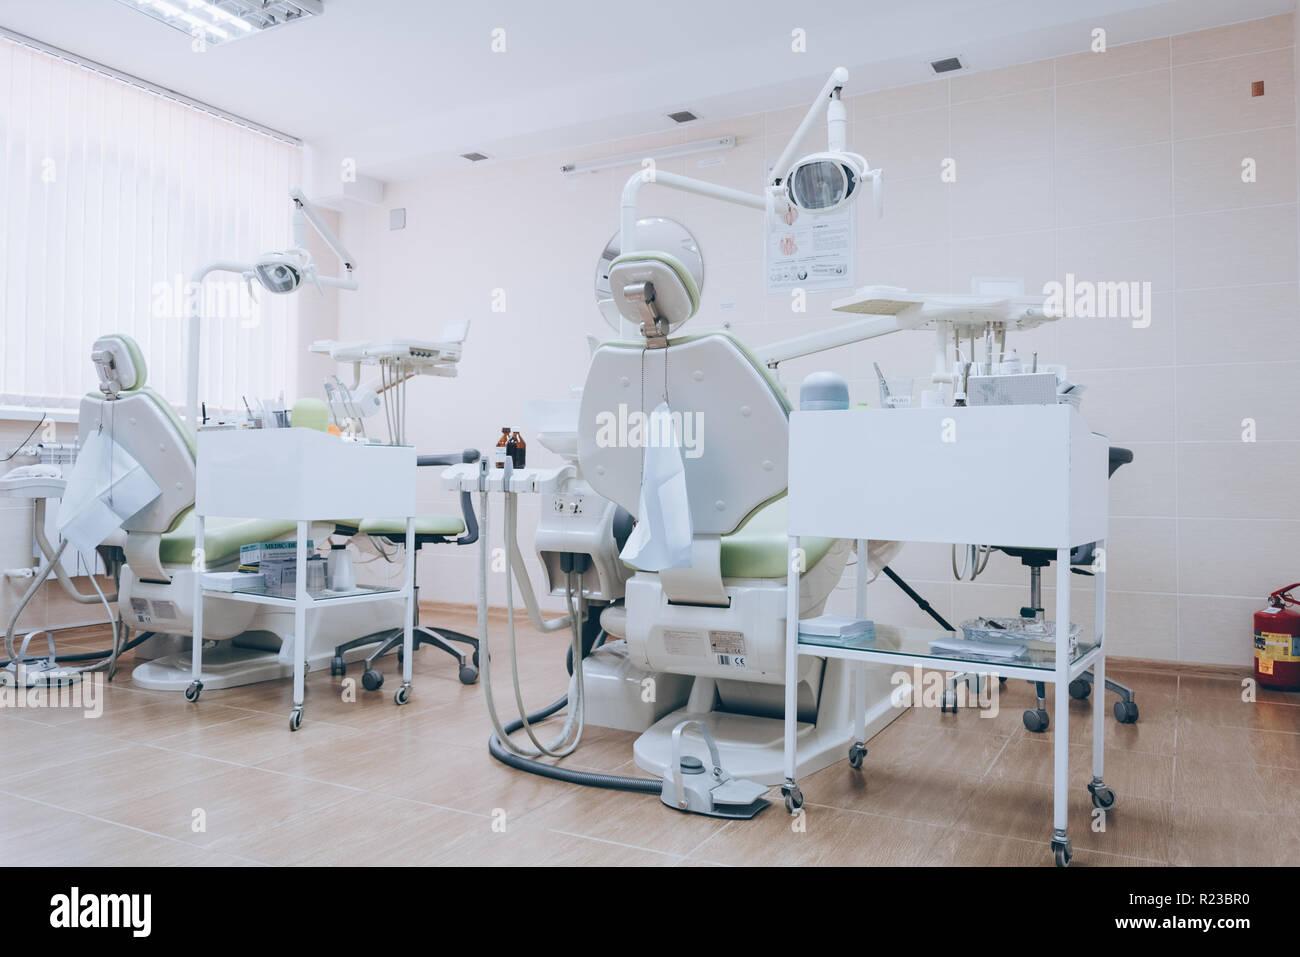 Zahnmedizinischen Stomatologie Innenraum Mit Der Klinik c35jq4RLSA